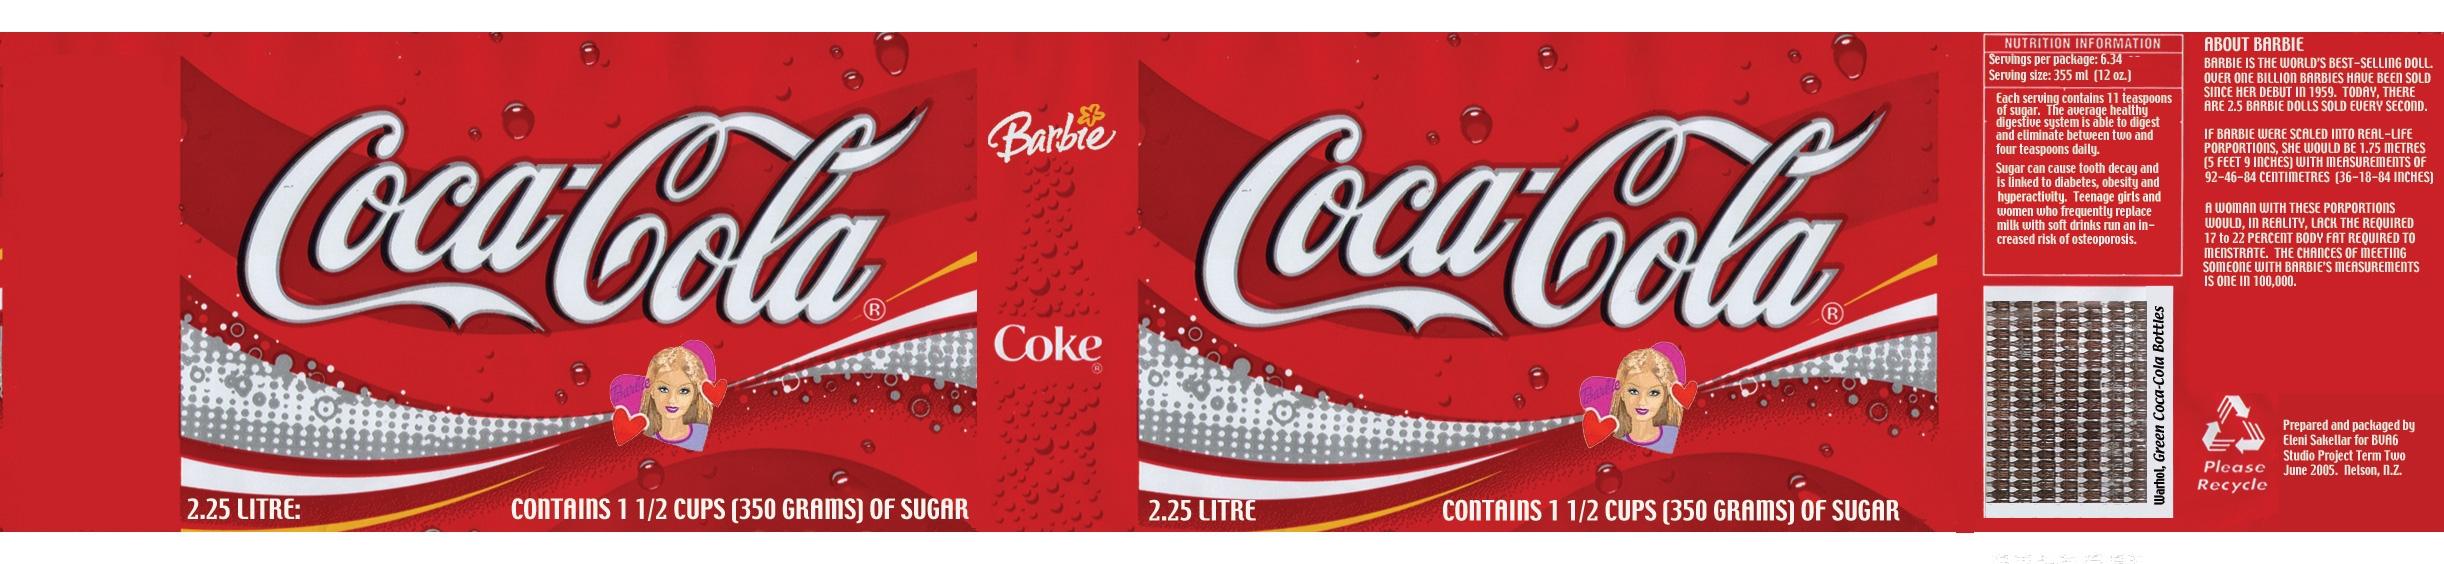 barbie in coke bottle label